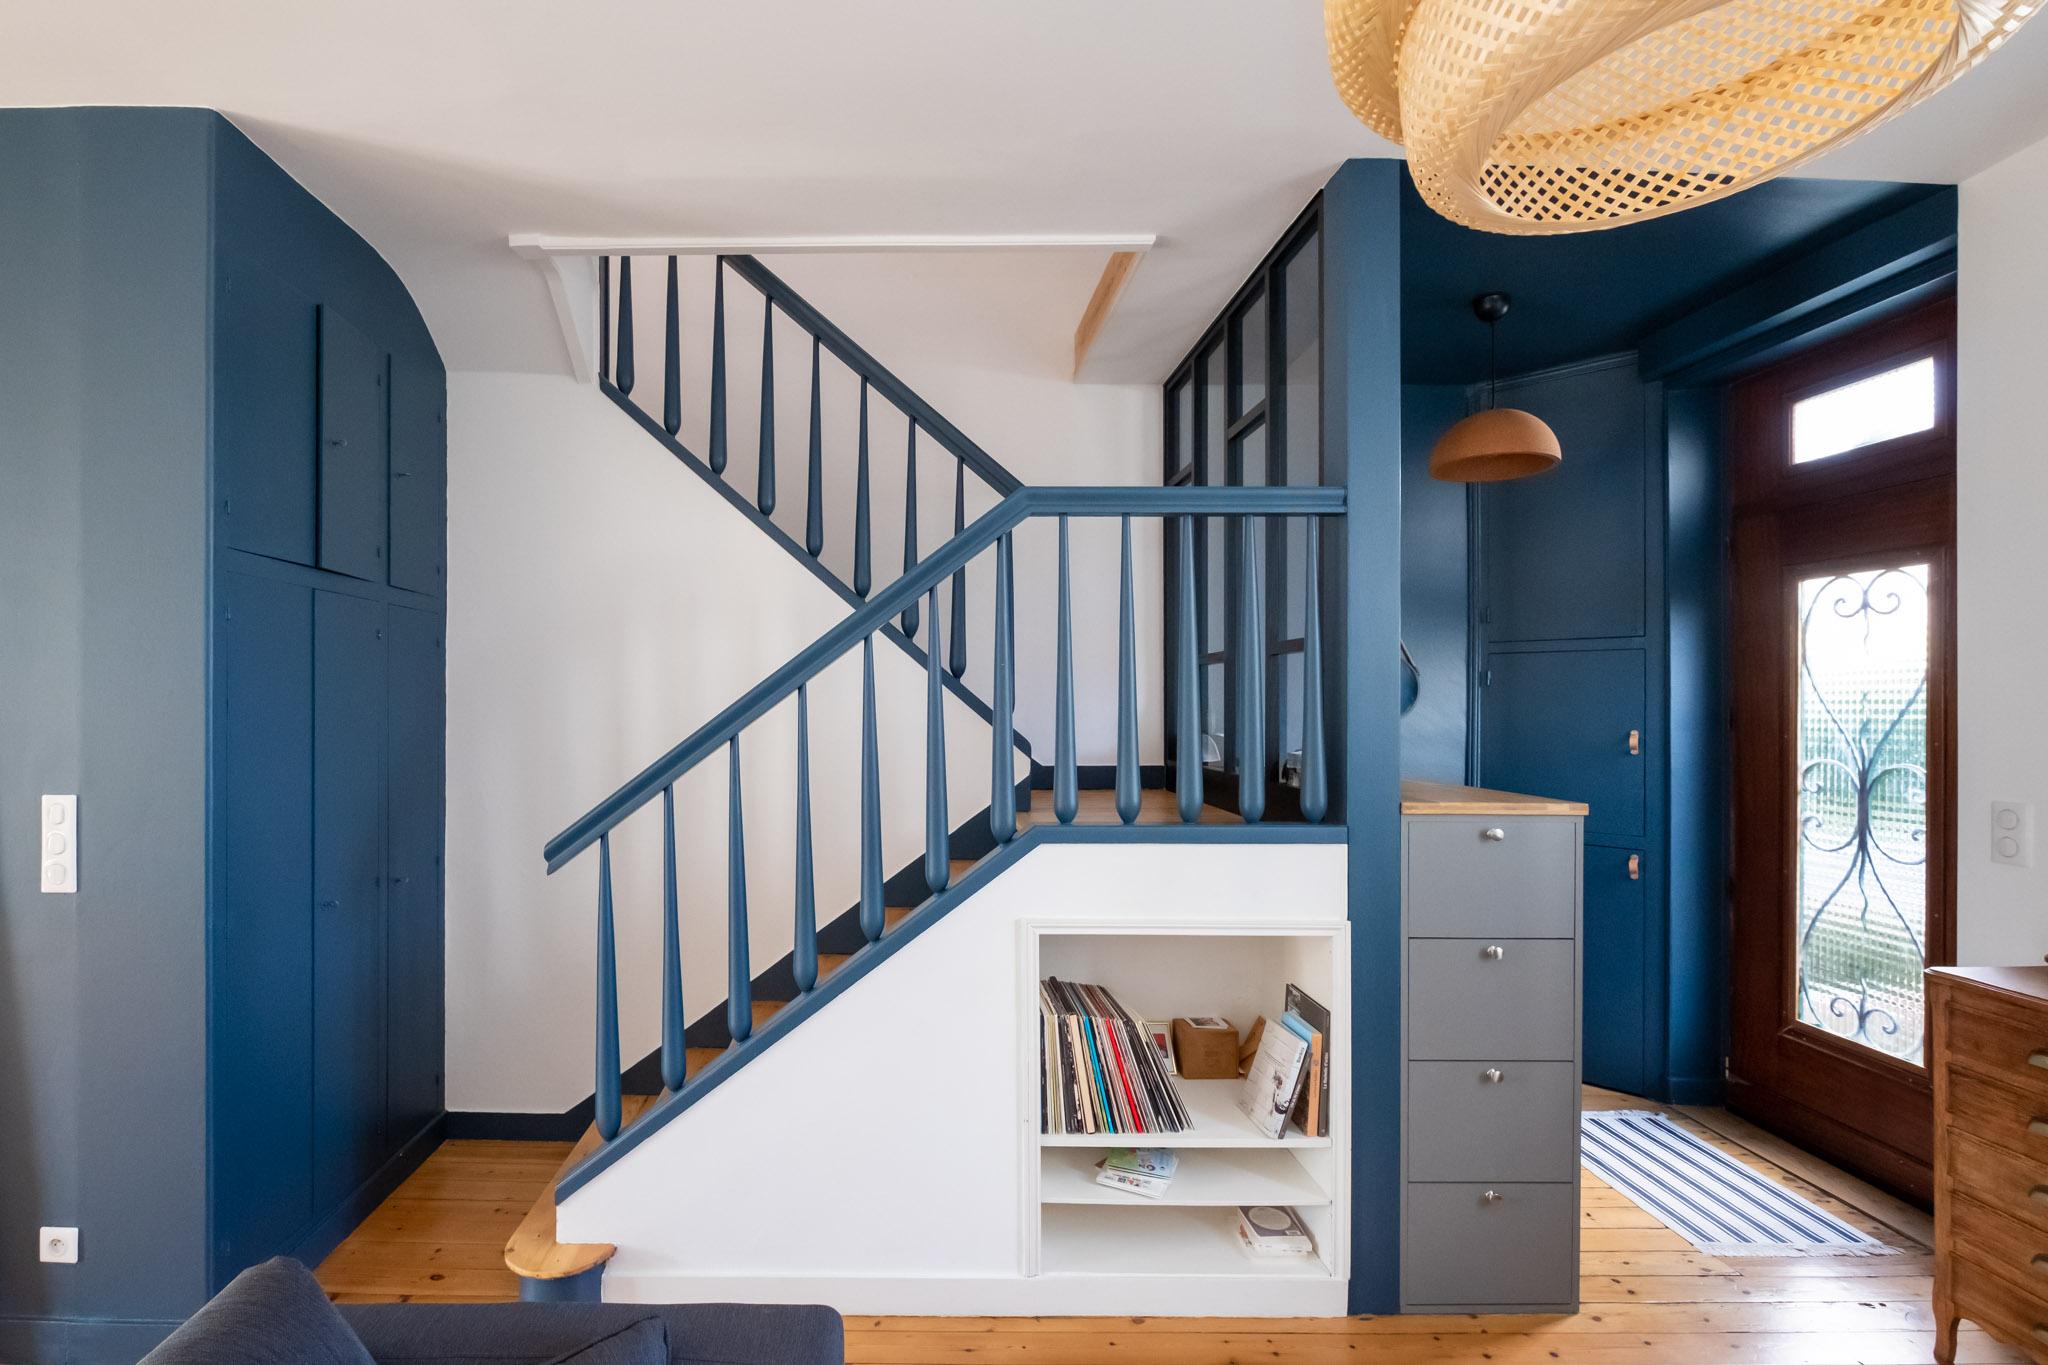 Agencement Entree De Maison renovation-amenagement-decoration-ameublement-agencement